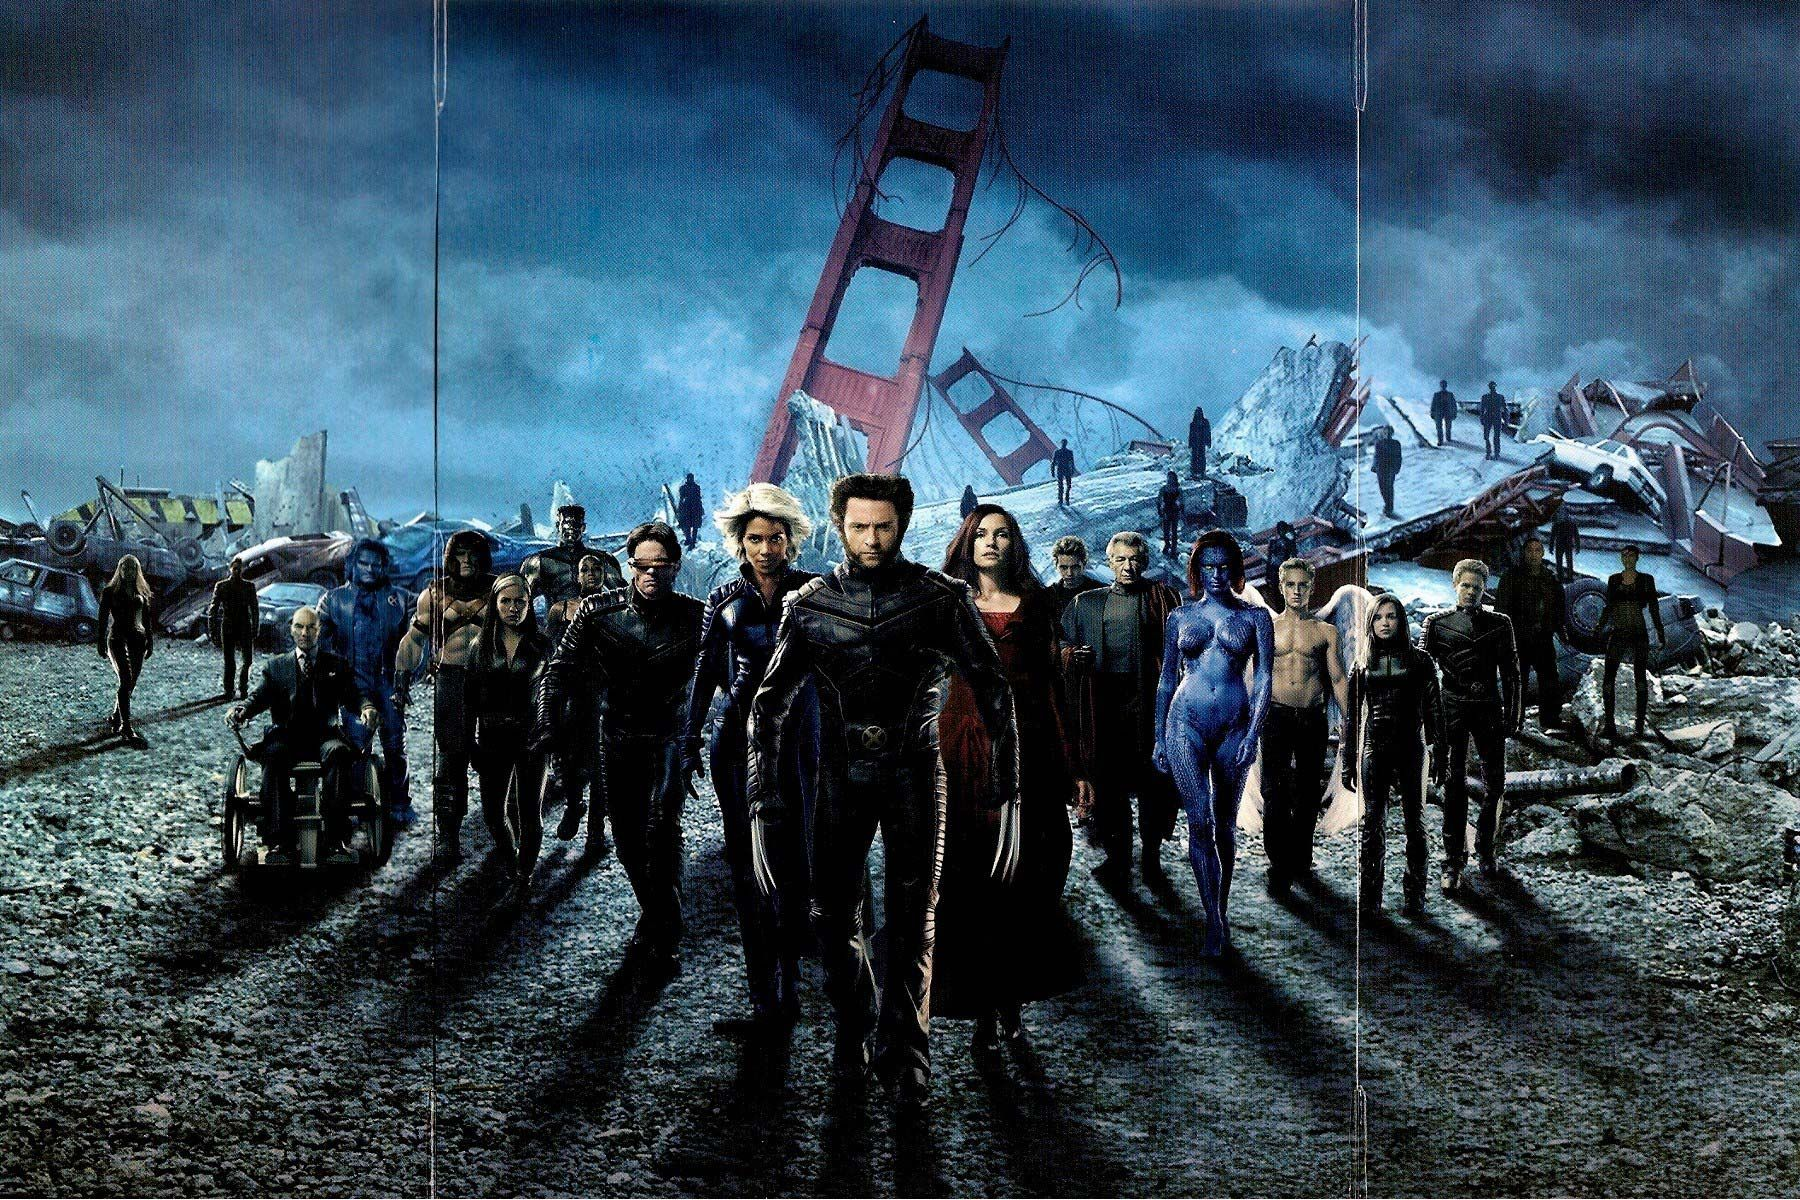 Hugh Jackman Wolverine Wallpapers amp Desktop Backgrounds X men 1800x1200